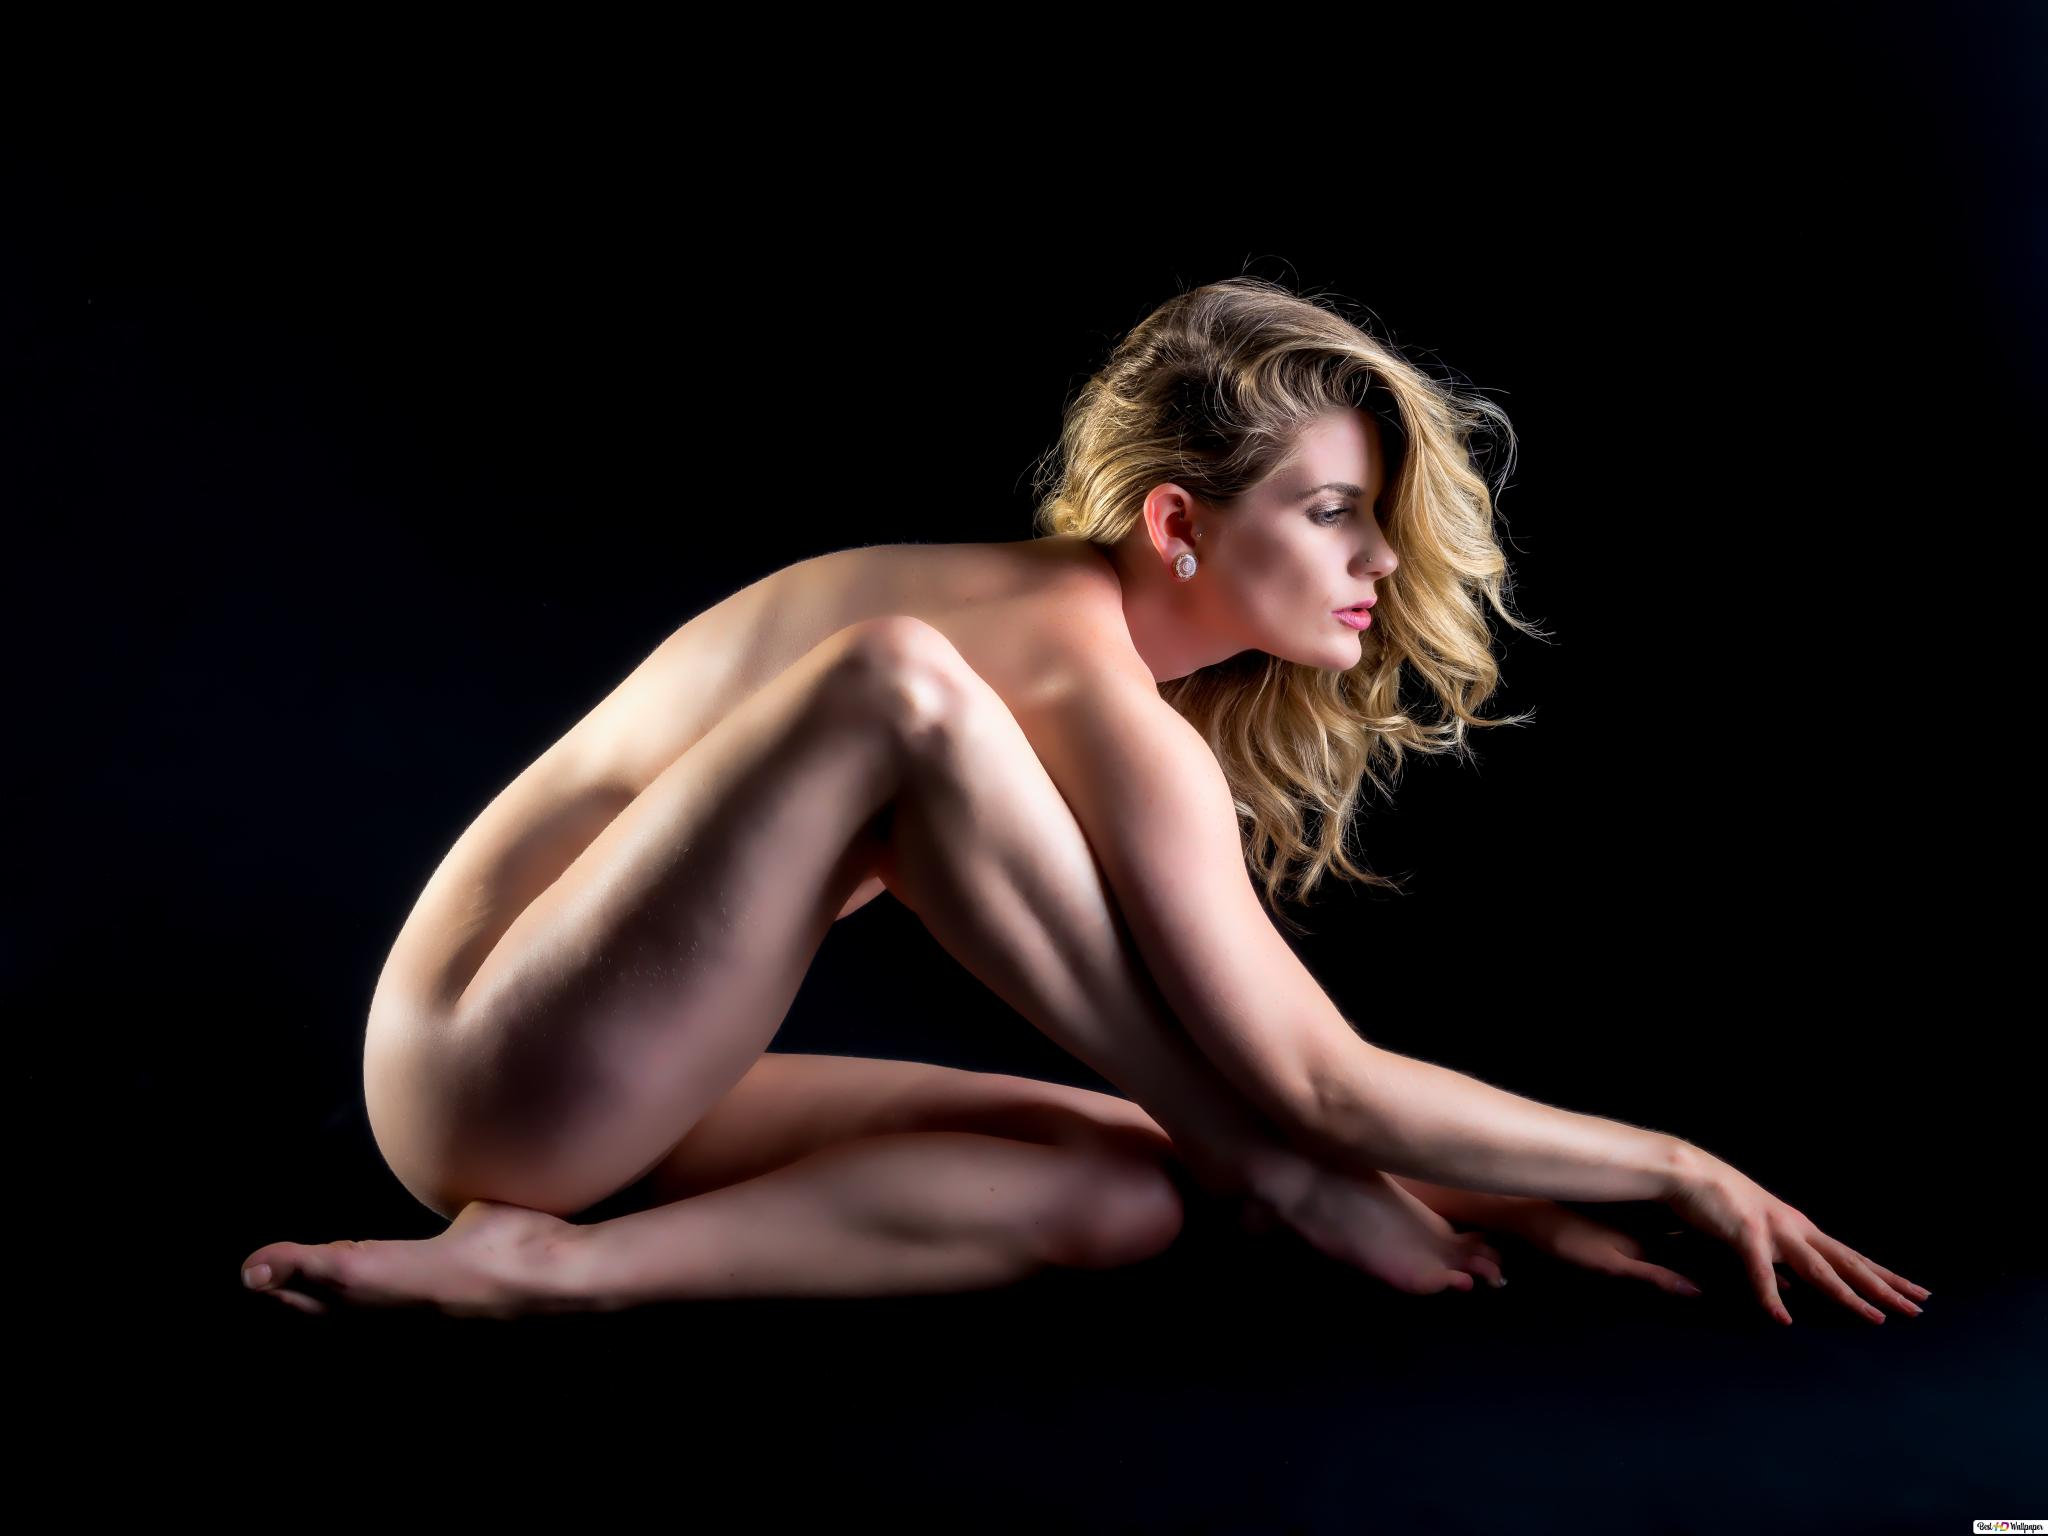 Female pics sexy Photos Of